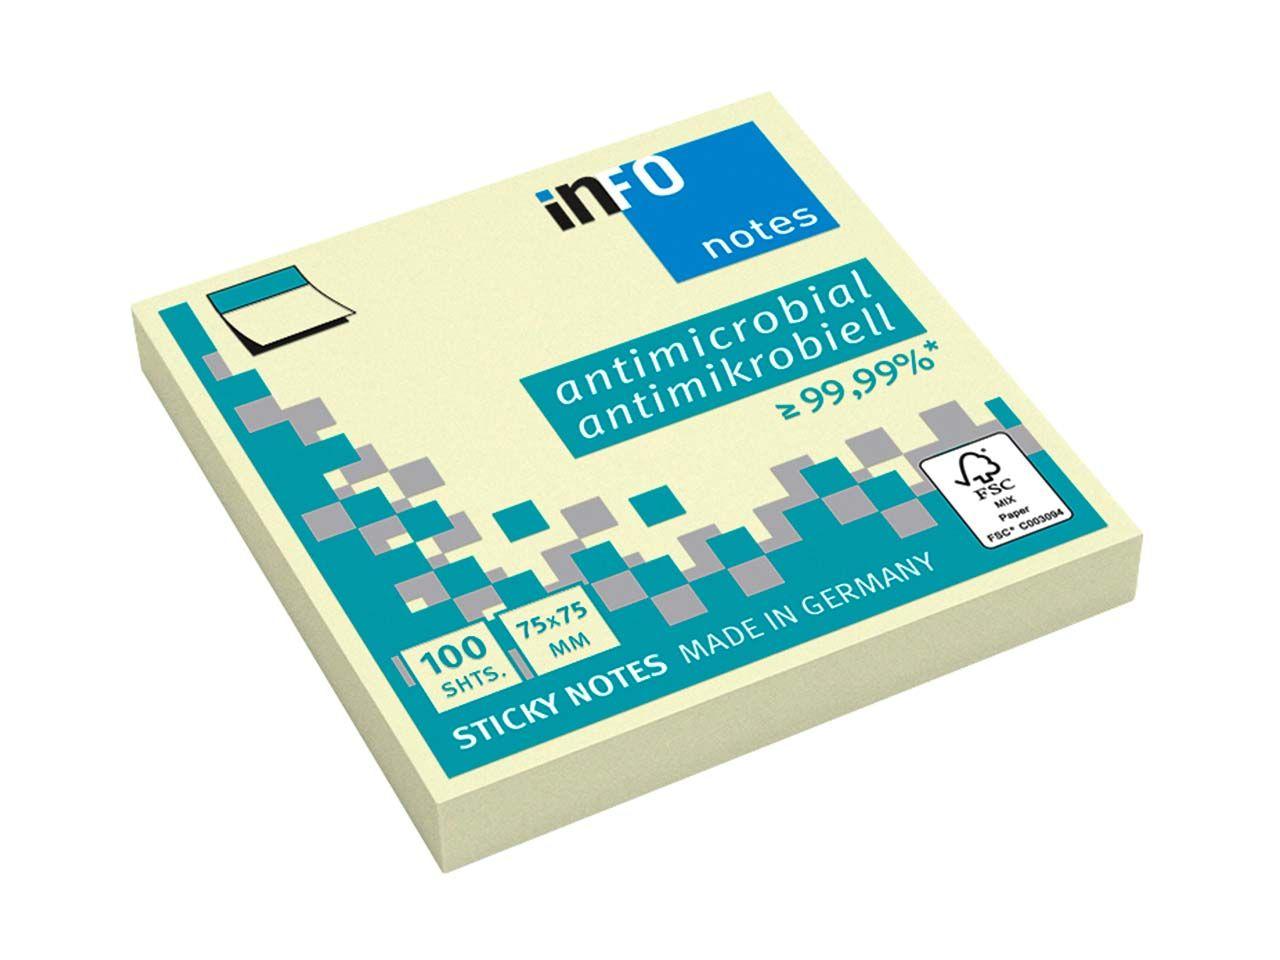 Info Hygienische Haftnotizen antimikrobiell, 12 x 100 Blatt, 75 x 75 mm, gelb 5154-01